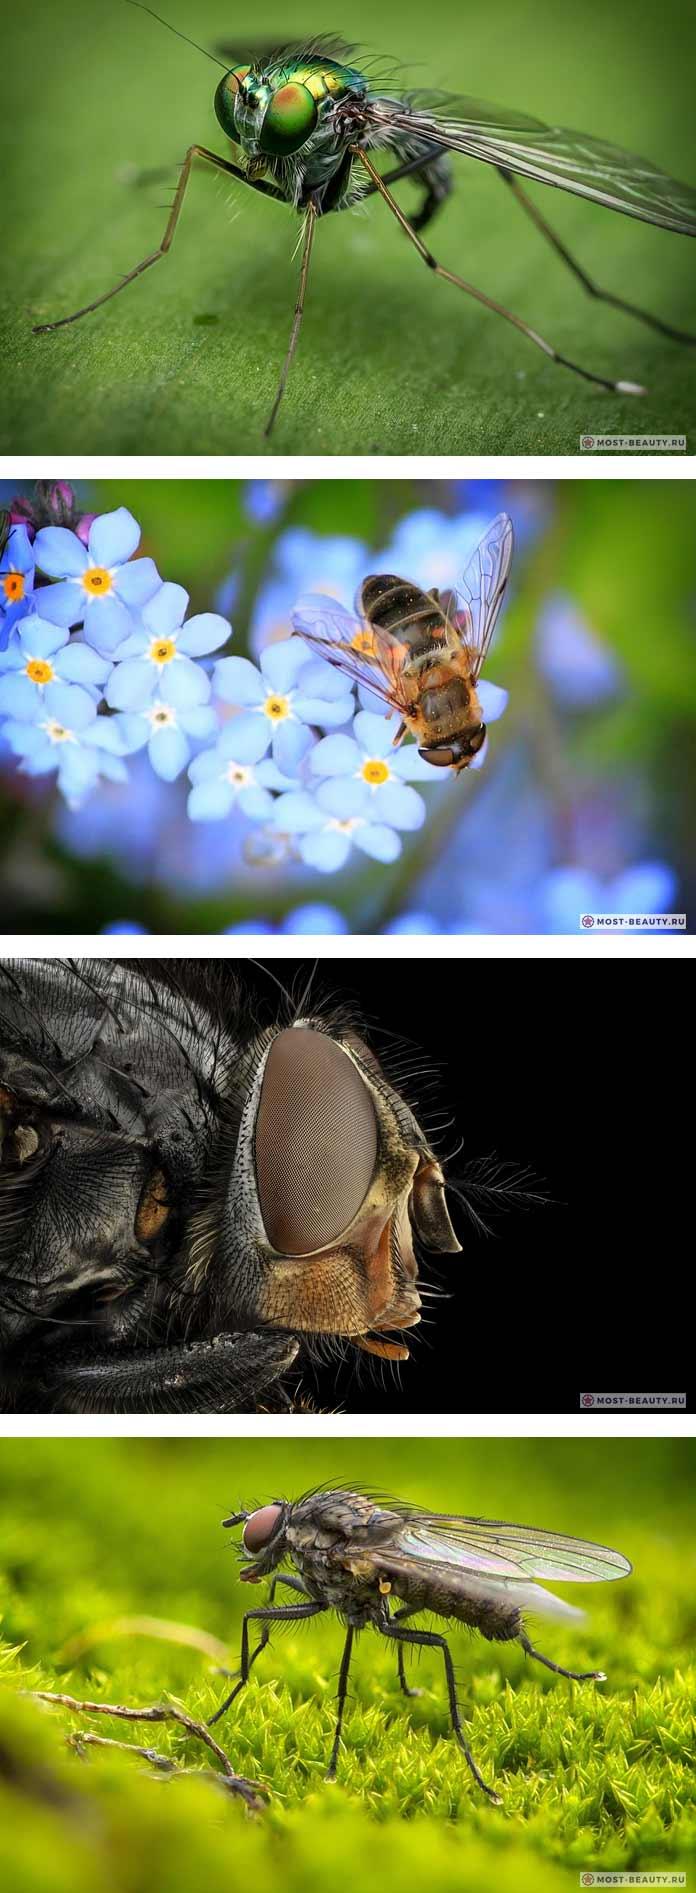 Очень красивые фото мух (CC0)